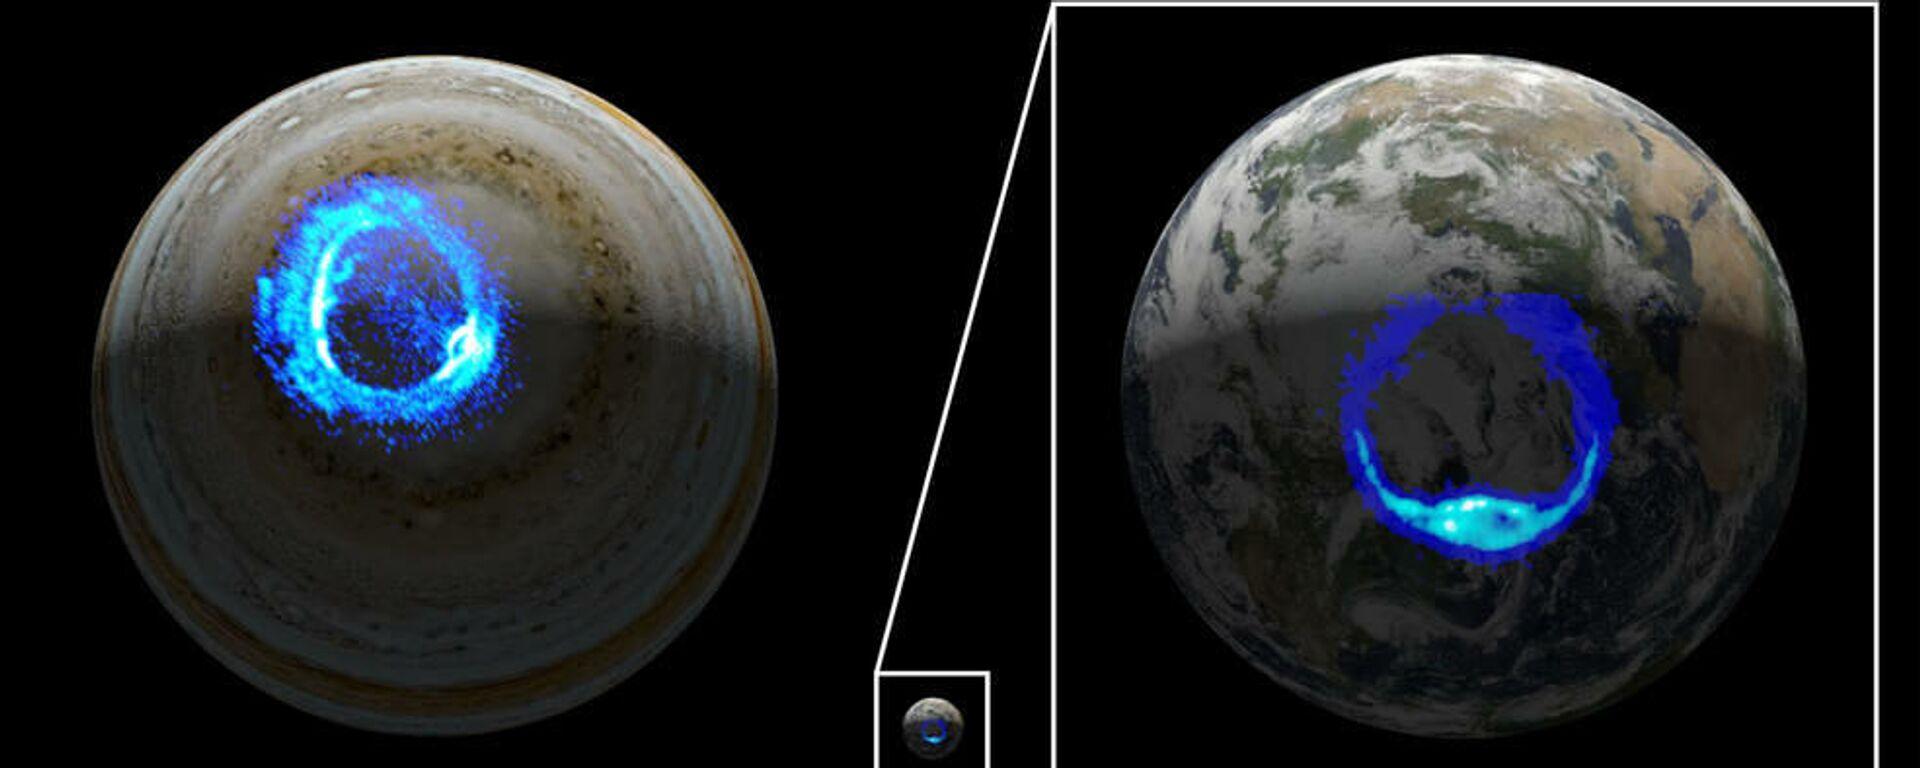 Auroras polares ultravioleta en Júpiter y en la Tierra - Sputnik Mundo, 1920, 10.07.2021